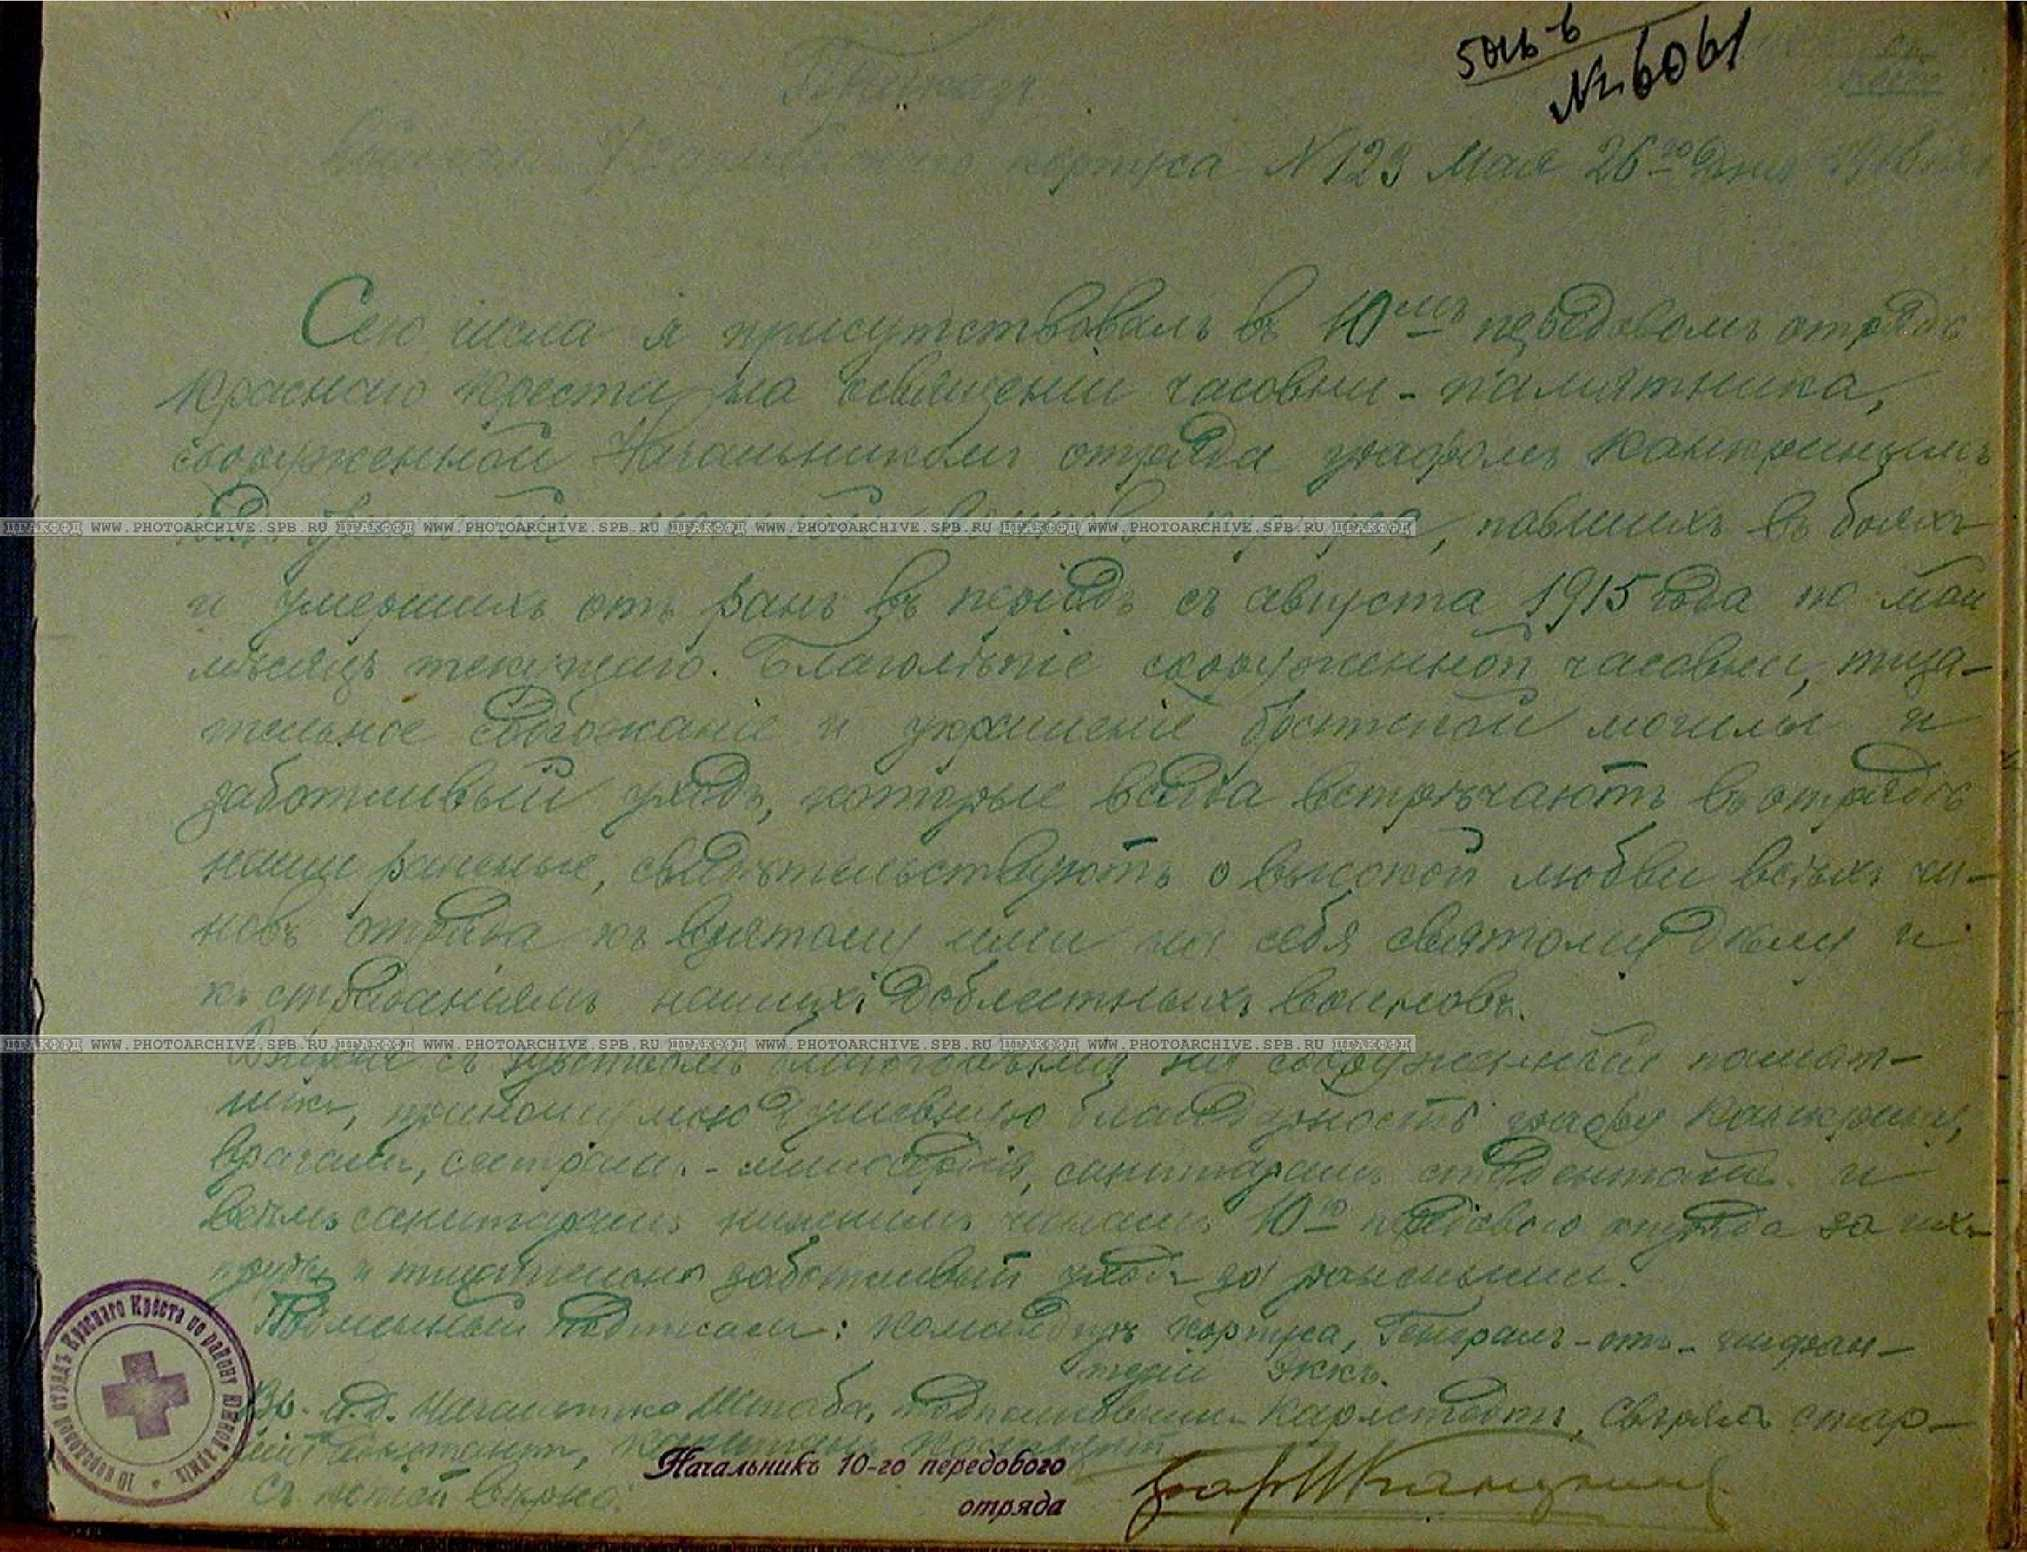 1916. Братские могилы, сооруженные 10-м передовым отрядом Красного Креста. Альбом.